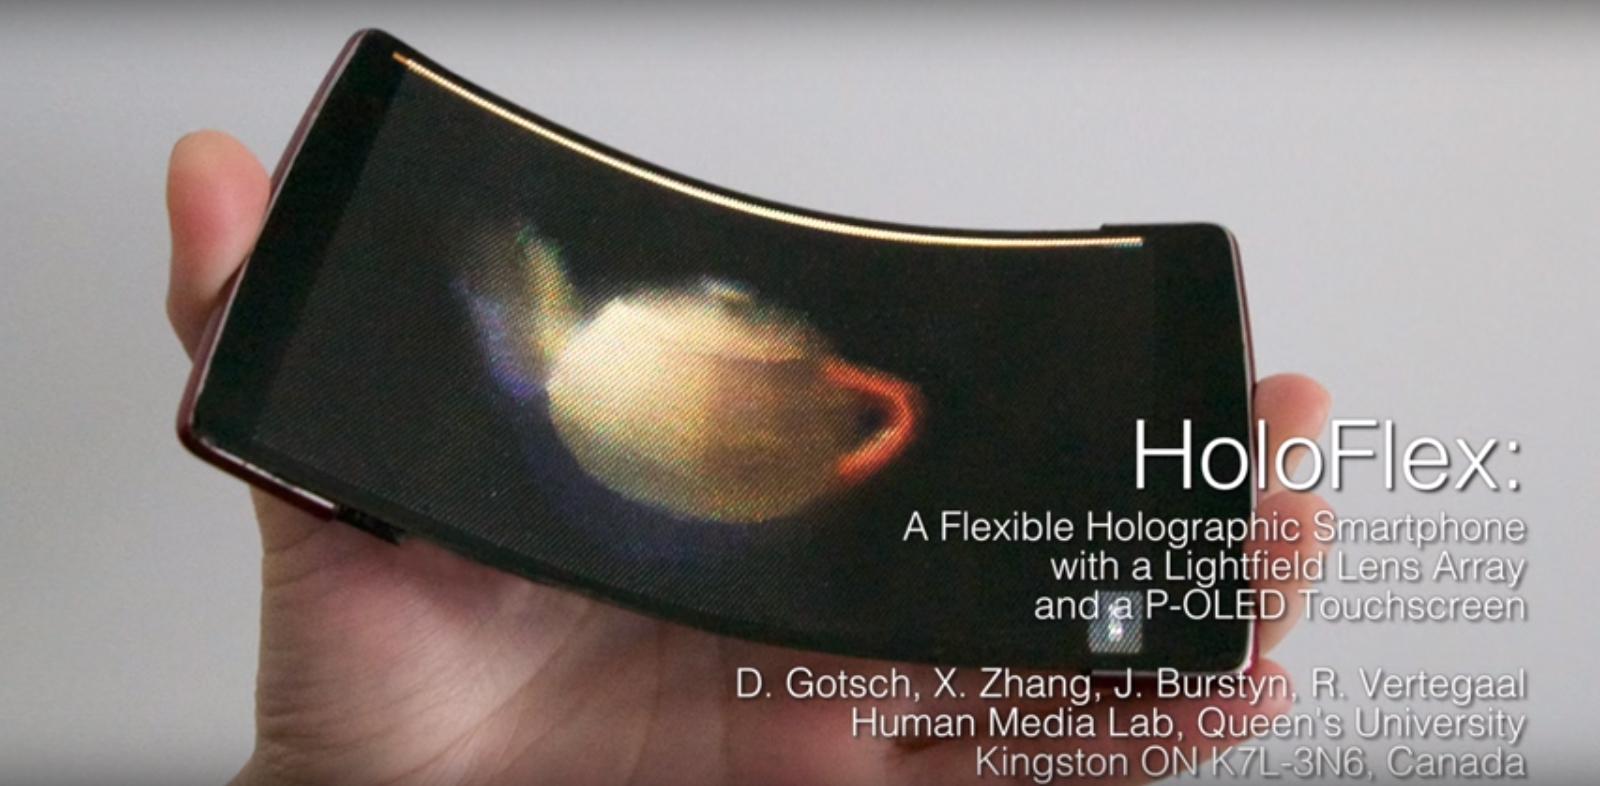 HoloFlex e um smartphone Android holografico e flexivel 1